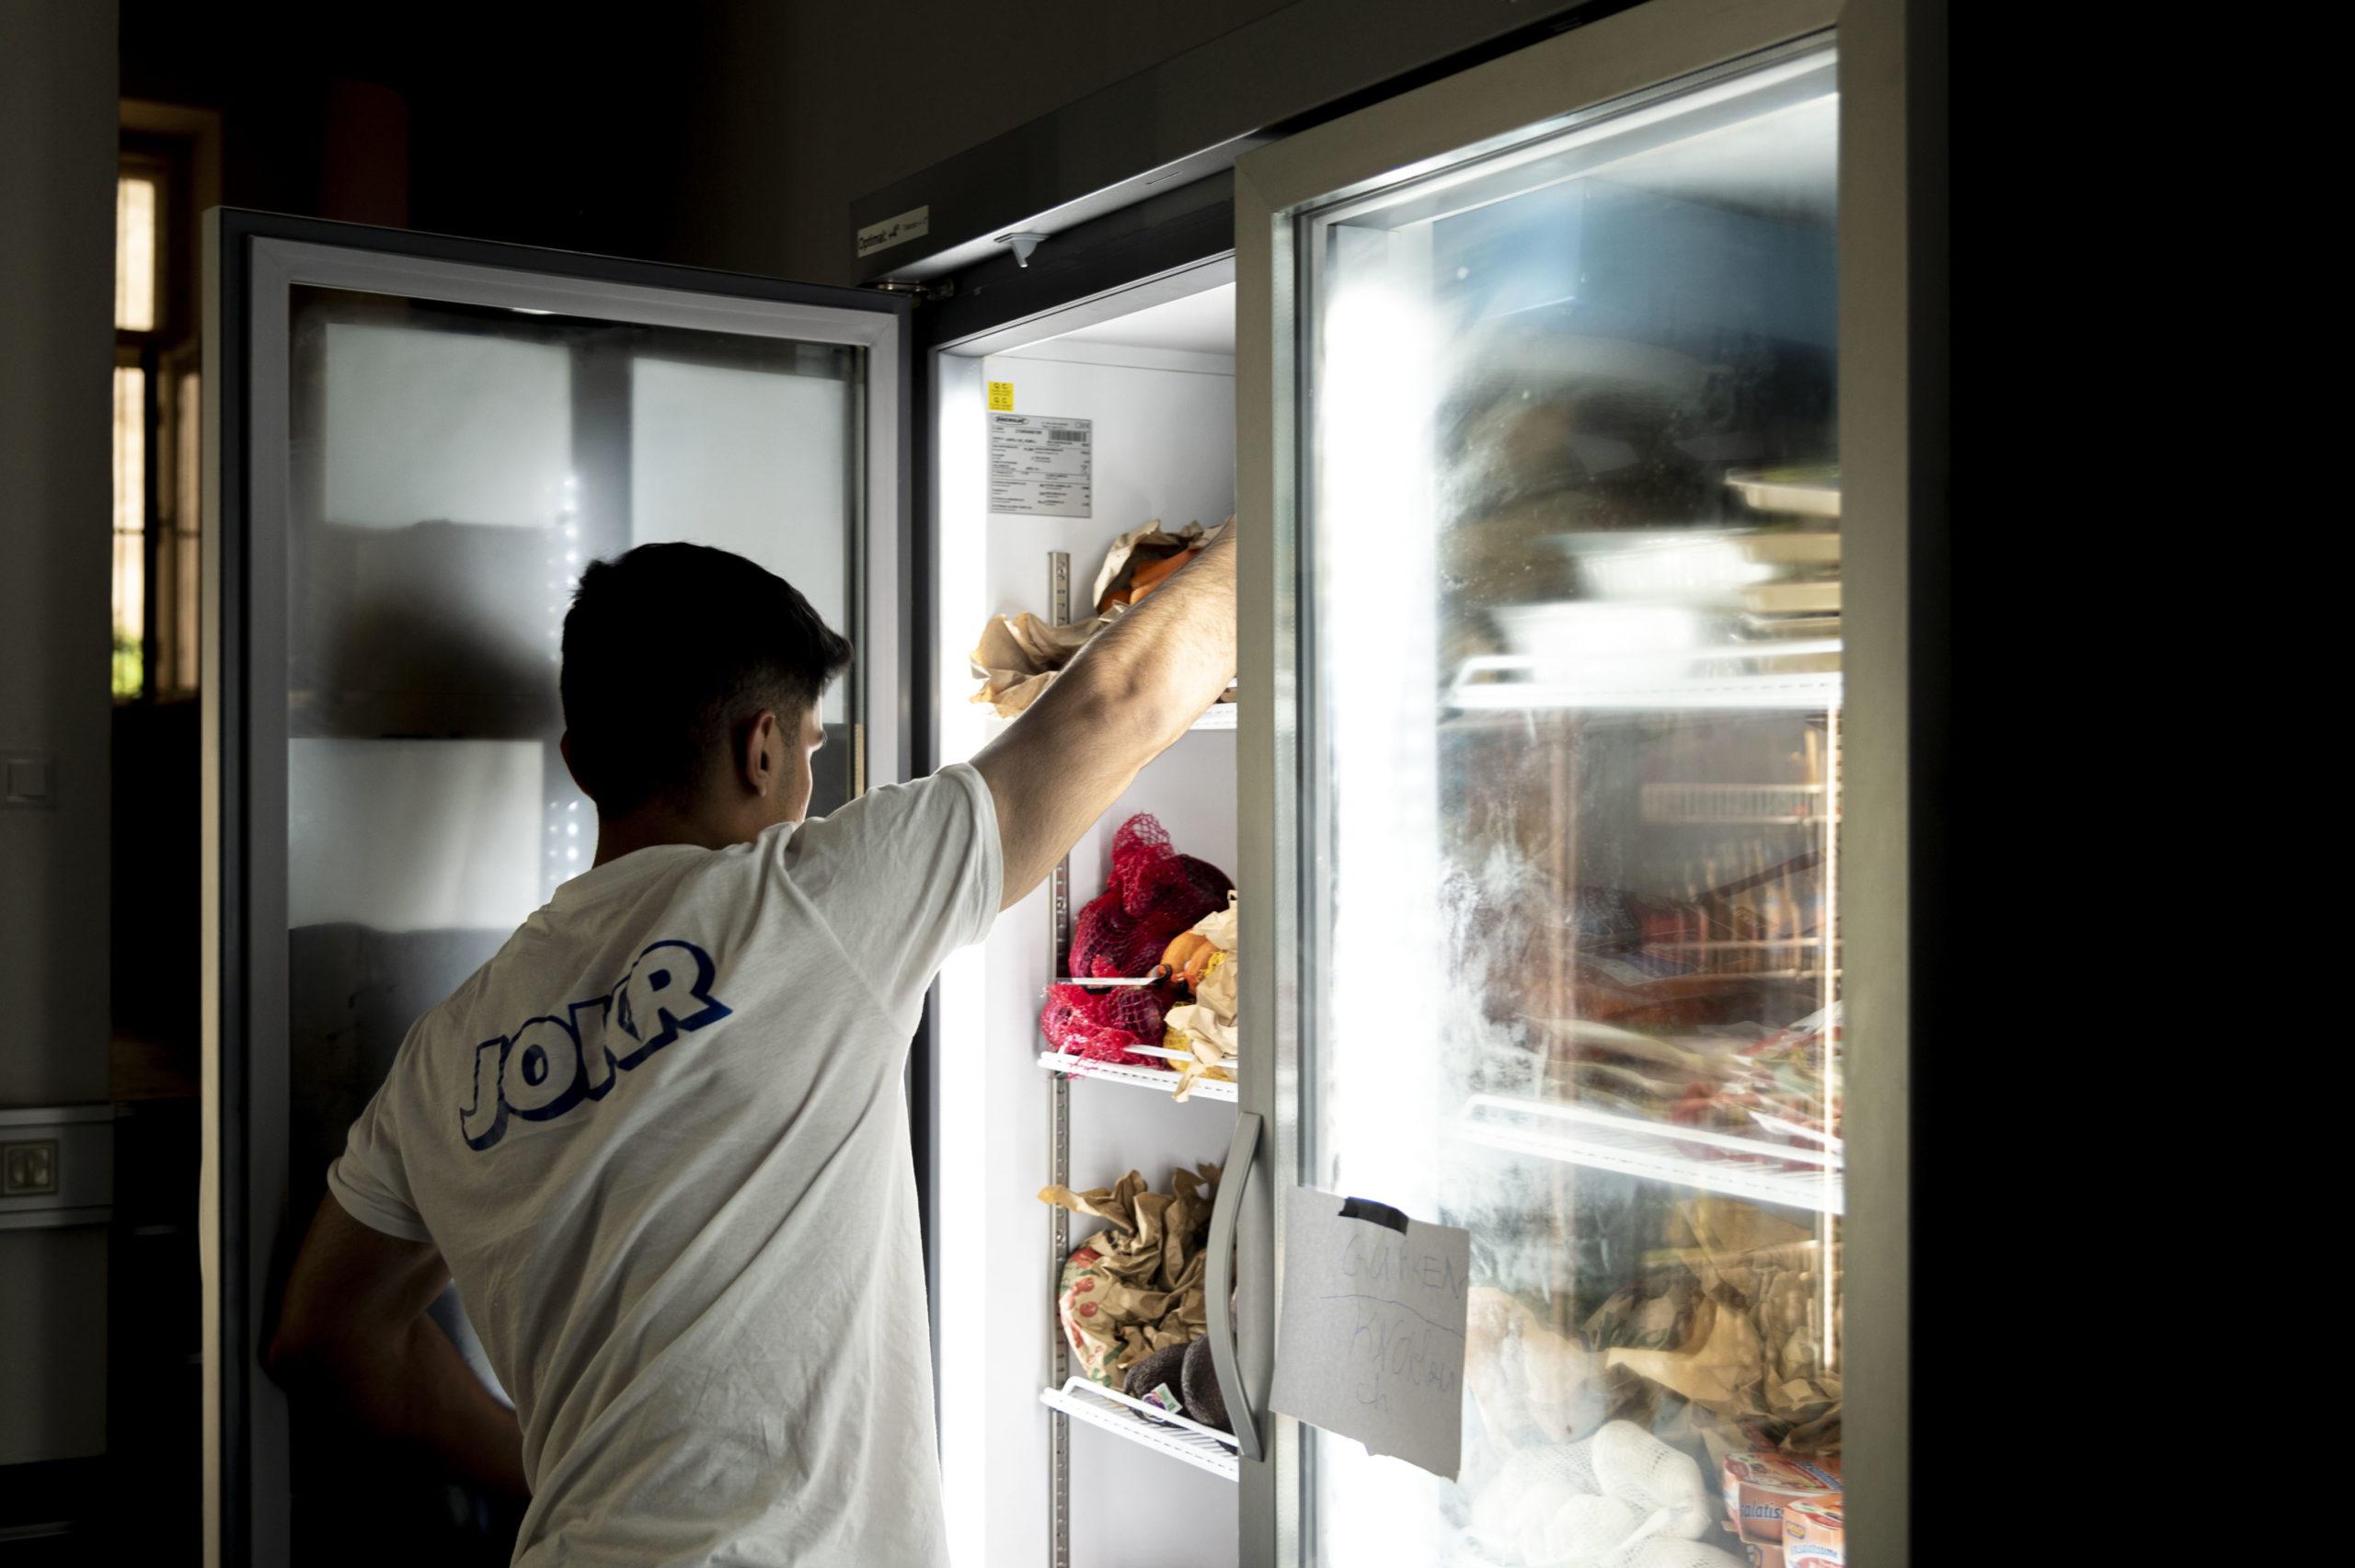 Viele gekühlte Waren sind im Jokr-Sortiment © Trending Topics / Julia Pabst